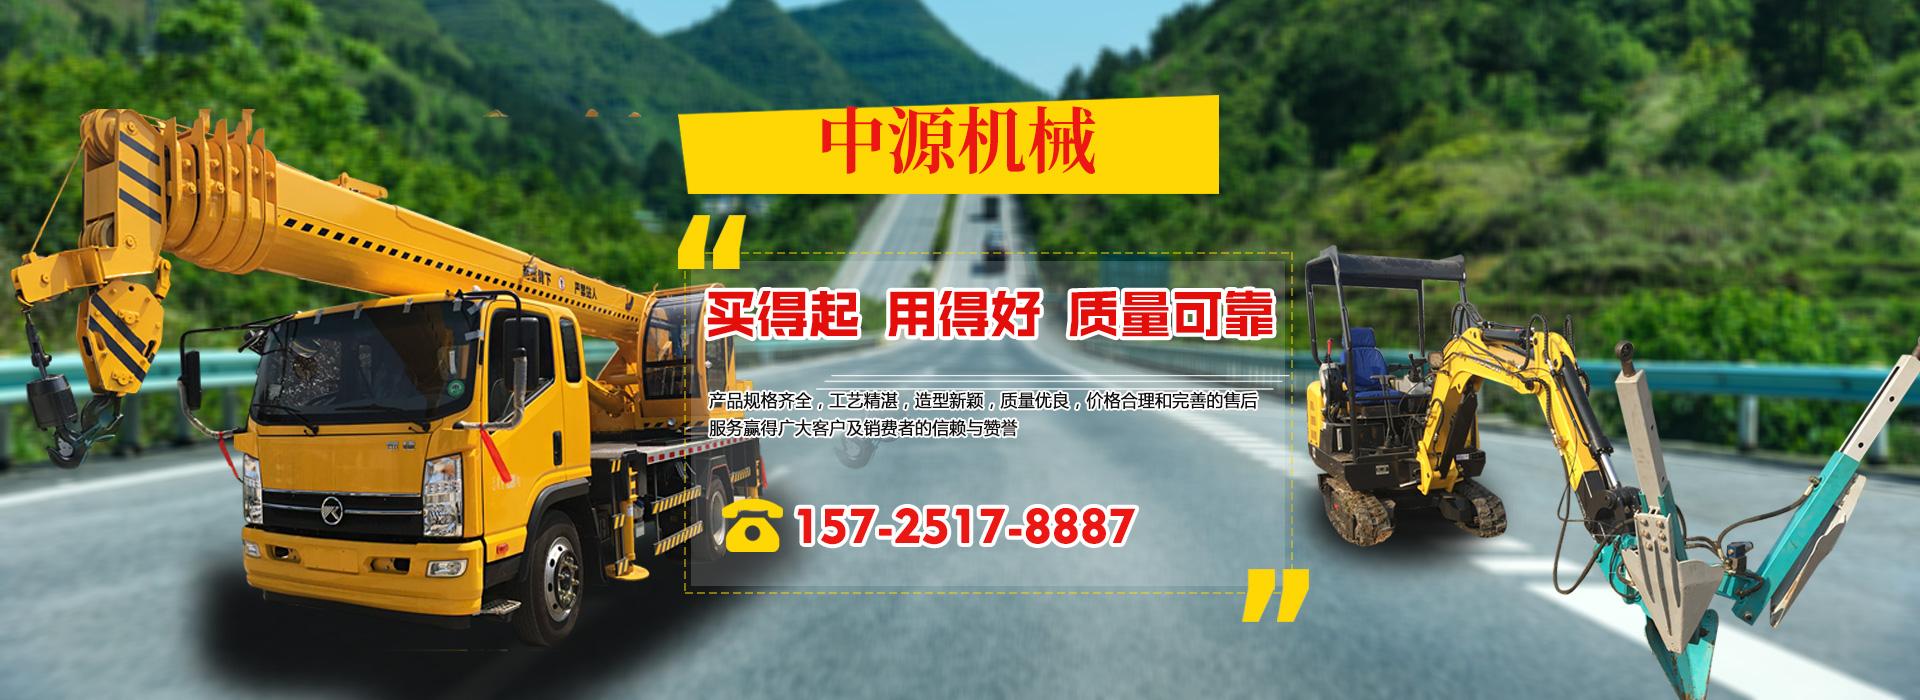 山东鸿运国际指定官网首页-鸿运在线在哪里下载